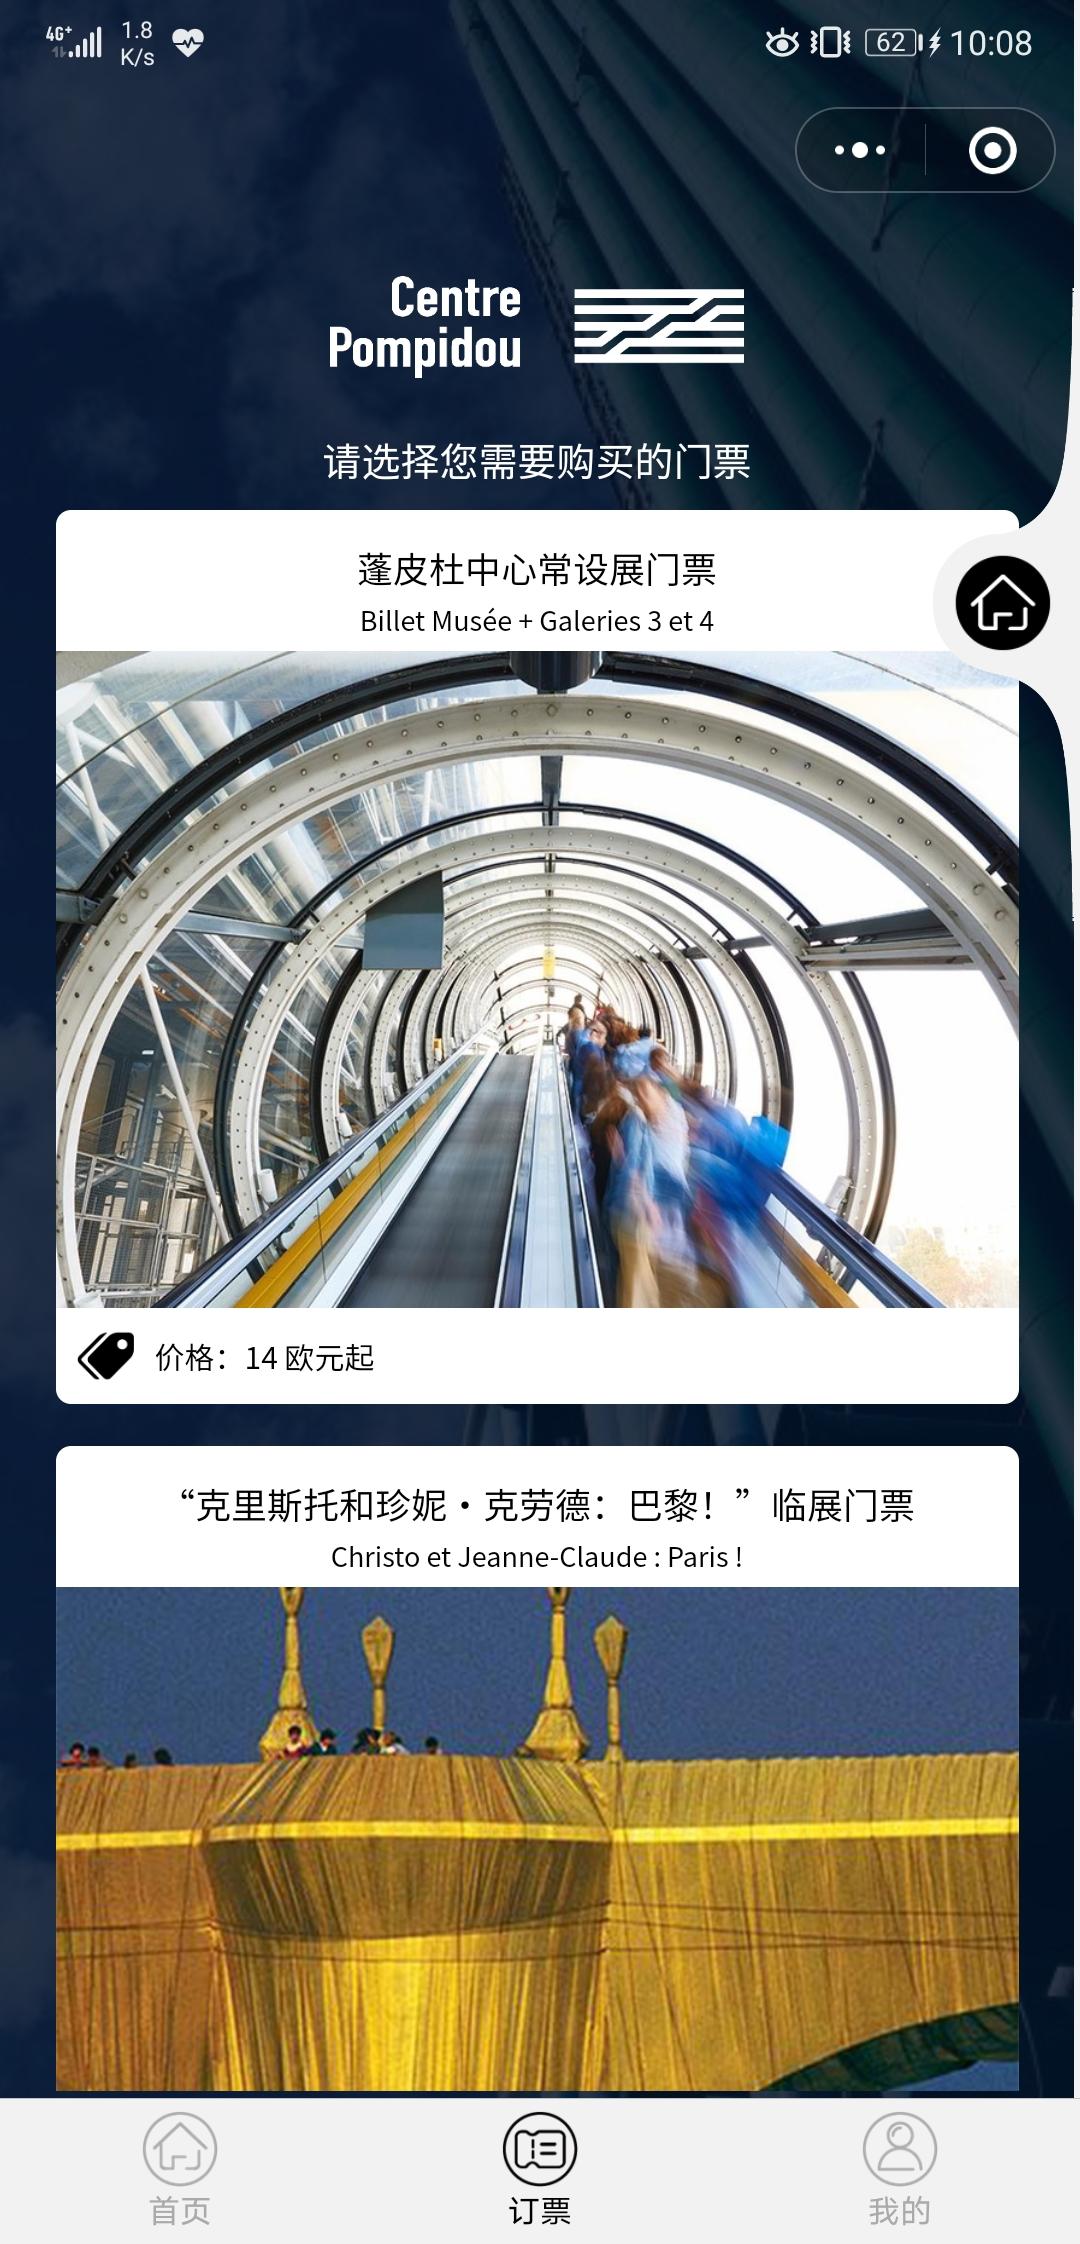 Centre Pompidou WeChat mini-programme